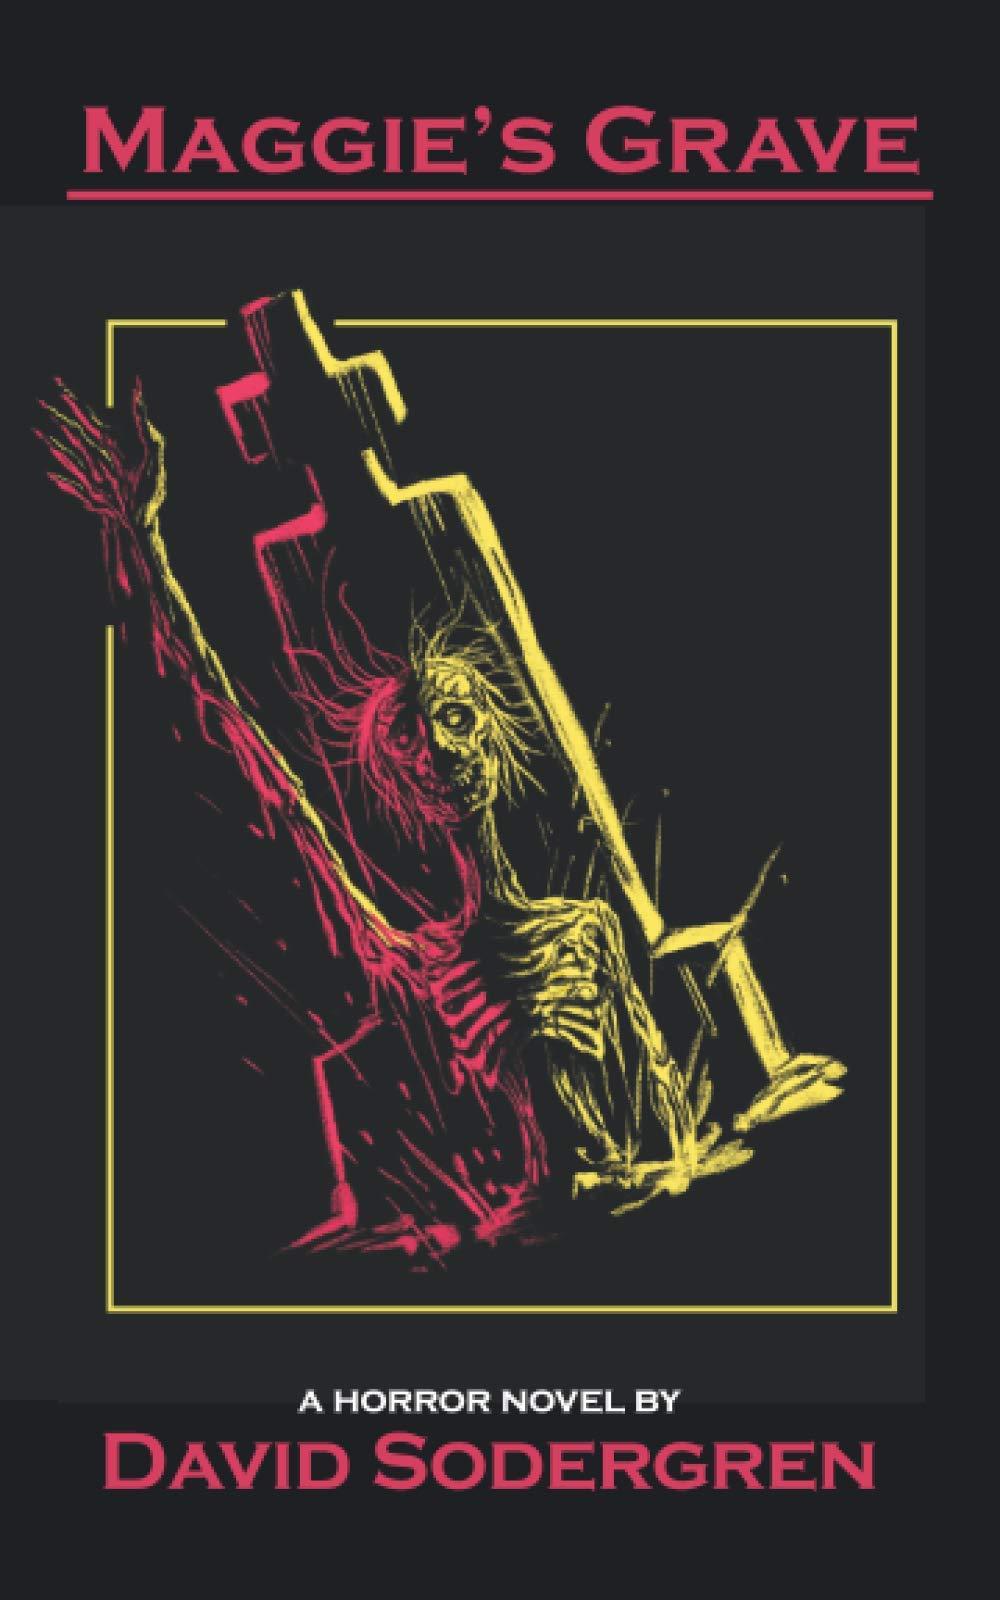 Maggie's Grave: A Horror Novel